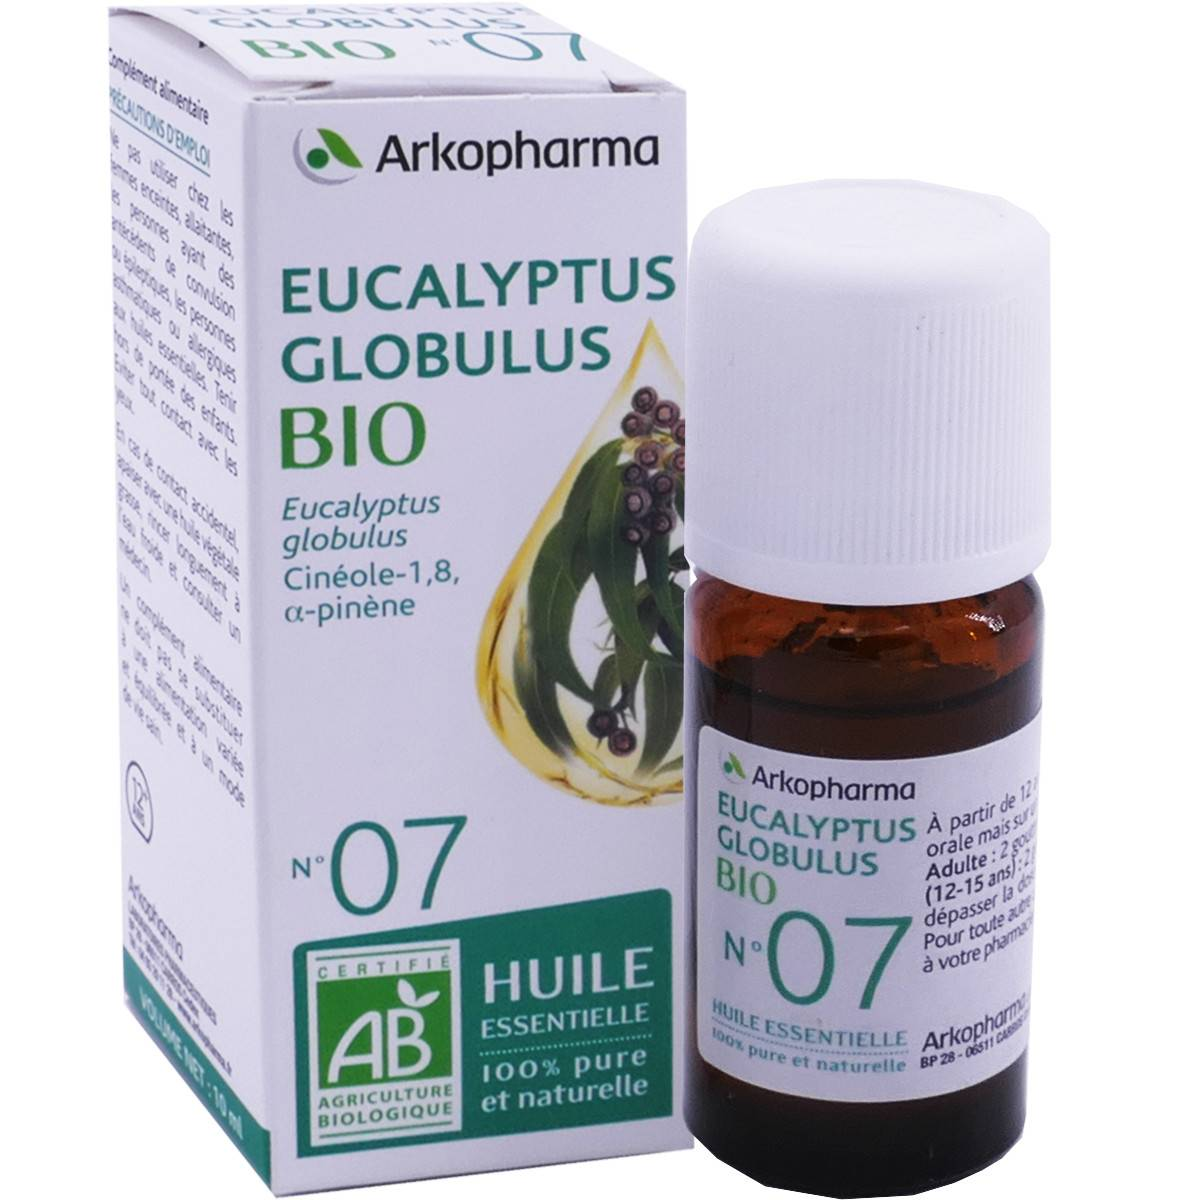 Arkopharma huile essentielle eucalyptus globulus bio n°7 10 ml